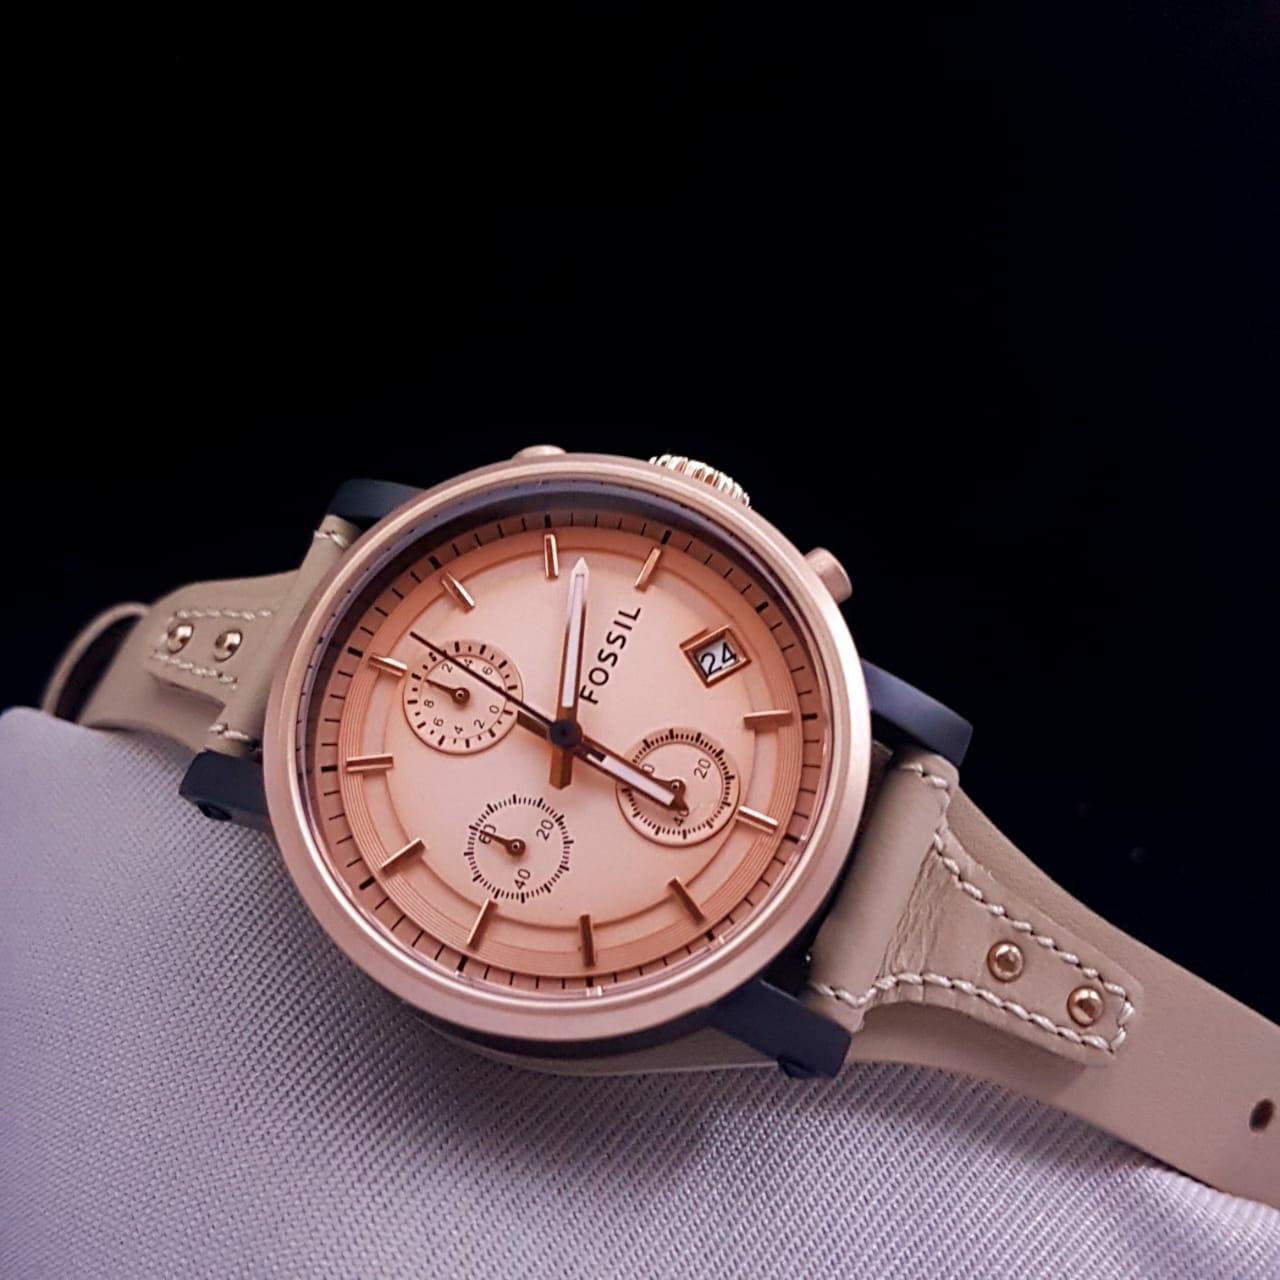 Harga Spesifikasi Jam Tangan Fossil Es3838 Original Nate Chronography Jr 1424 Pria Brown Strap Leather Wanita Merk Es 4113 Es4113